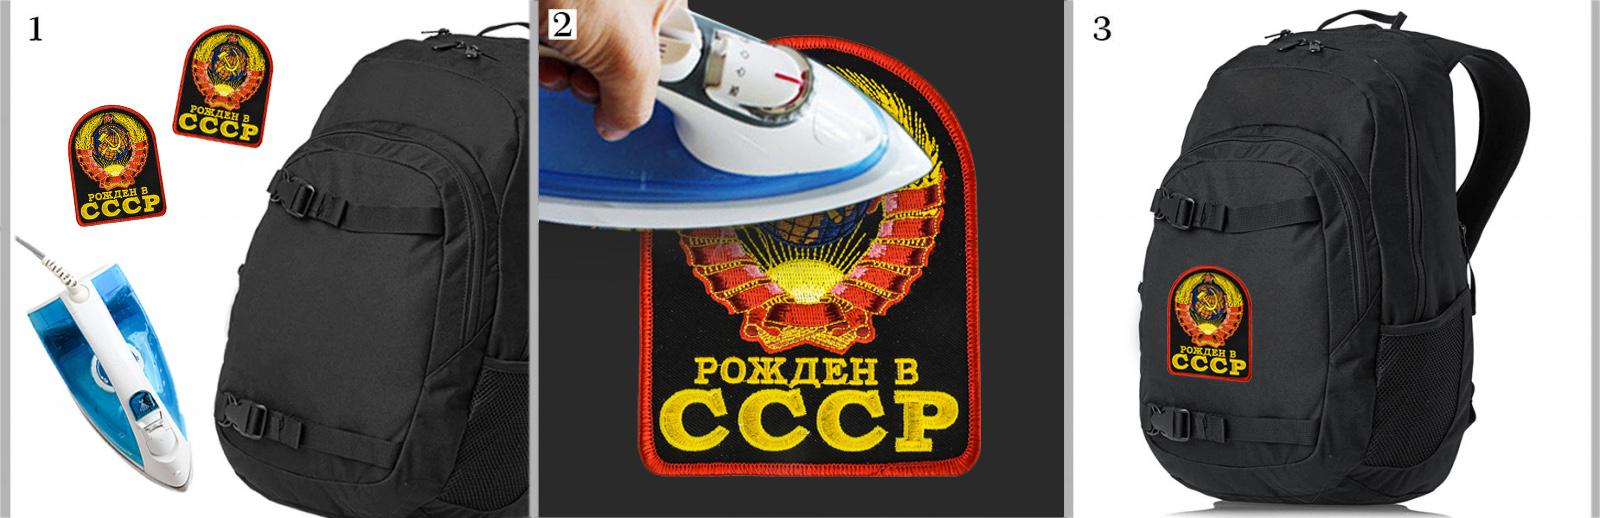 Термоклеевая нашивка «Рожден в СССР» - недорого с возможностью выбрать способ оплаты